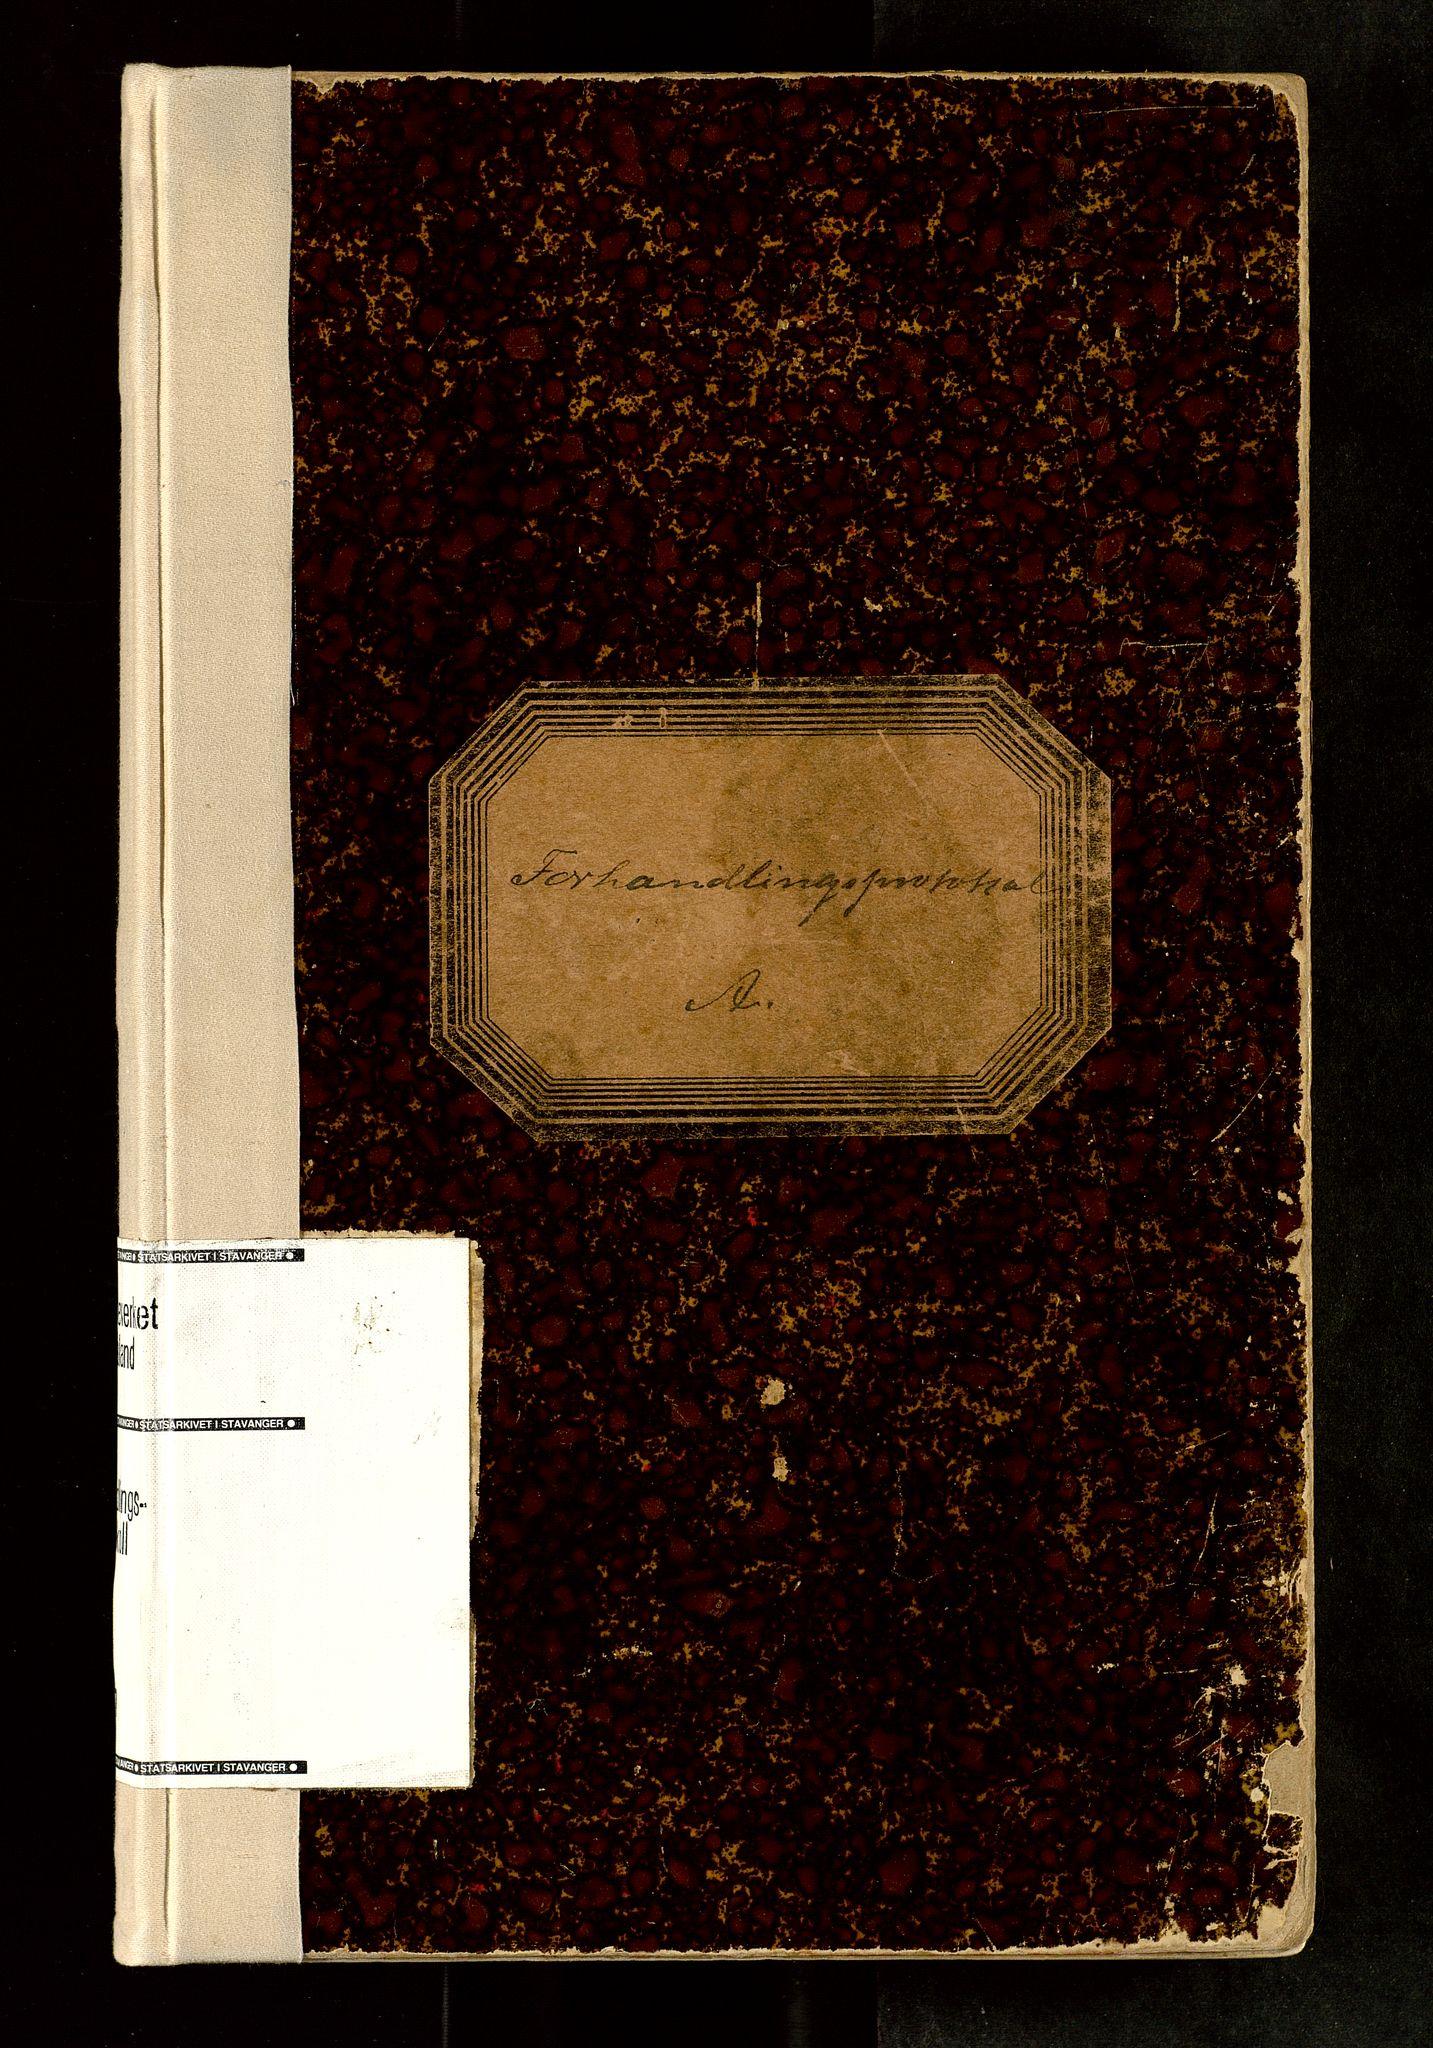 SAST, Rogaland jordskifterett, Oa/L0067: Forhandlingsprotokoll, 1908-1910